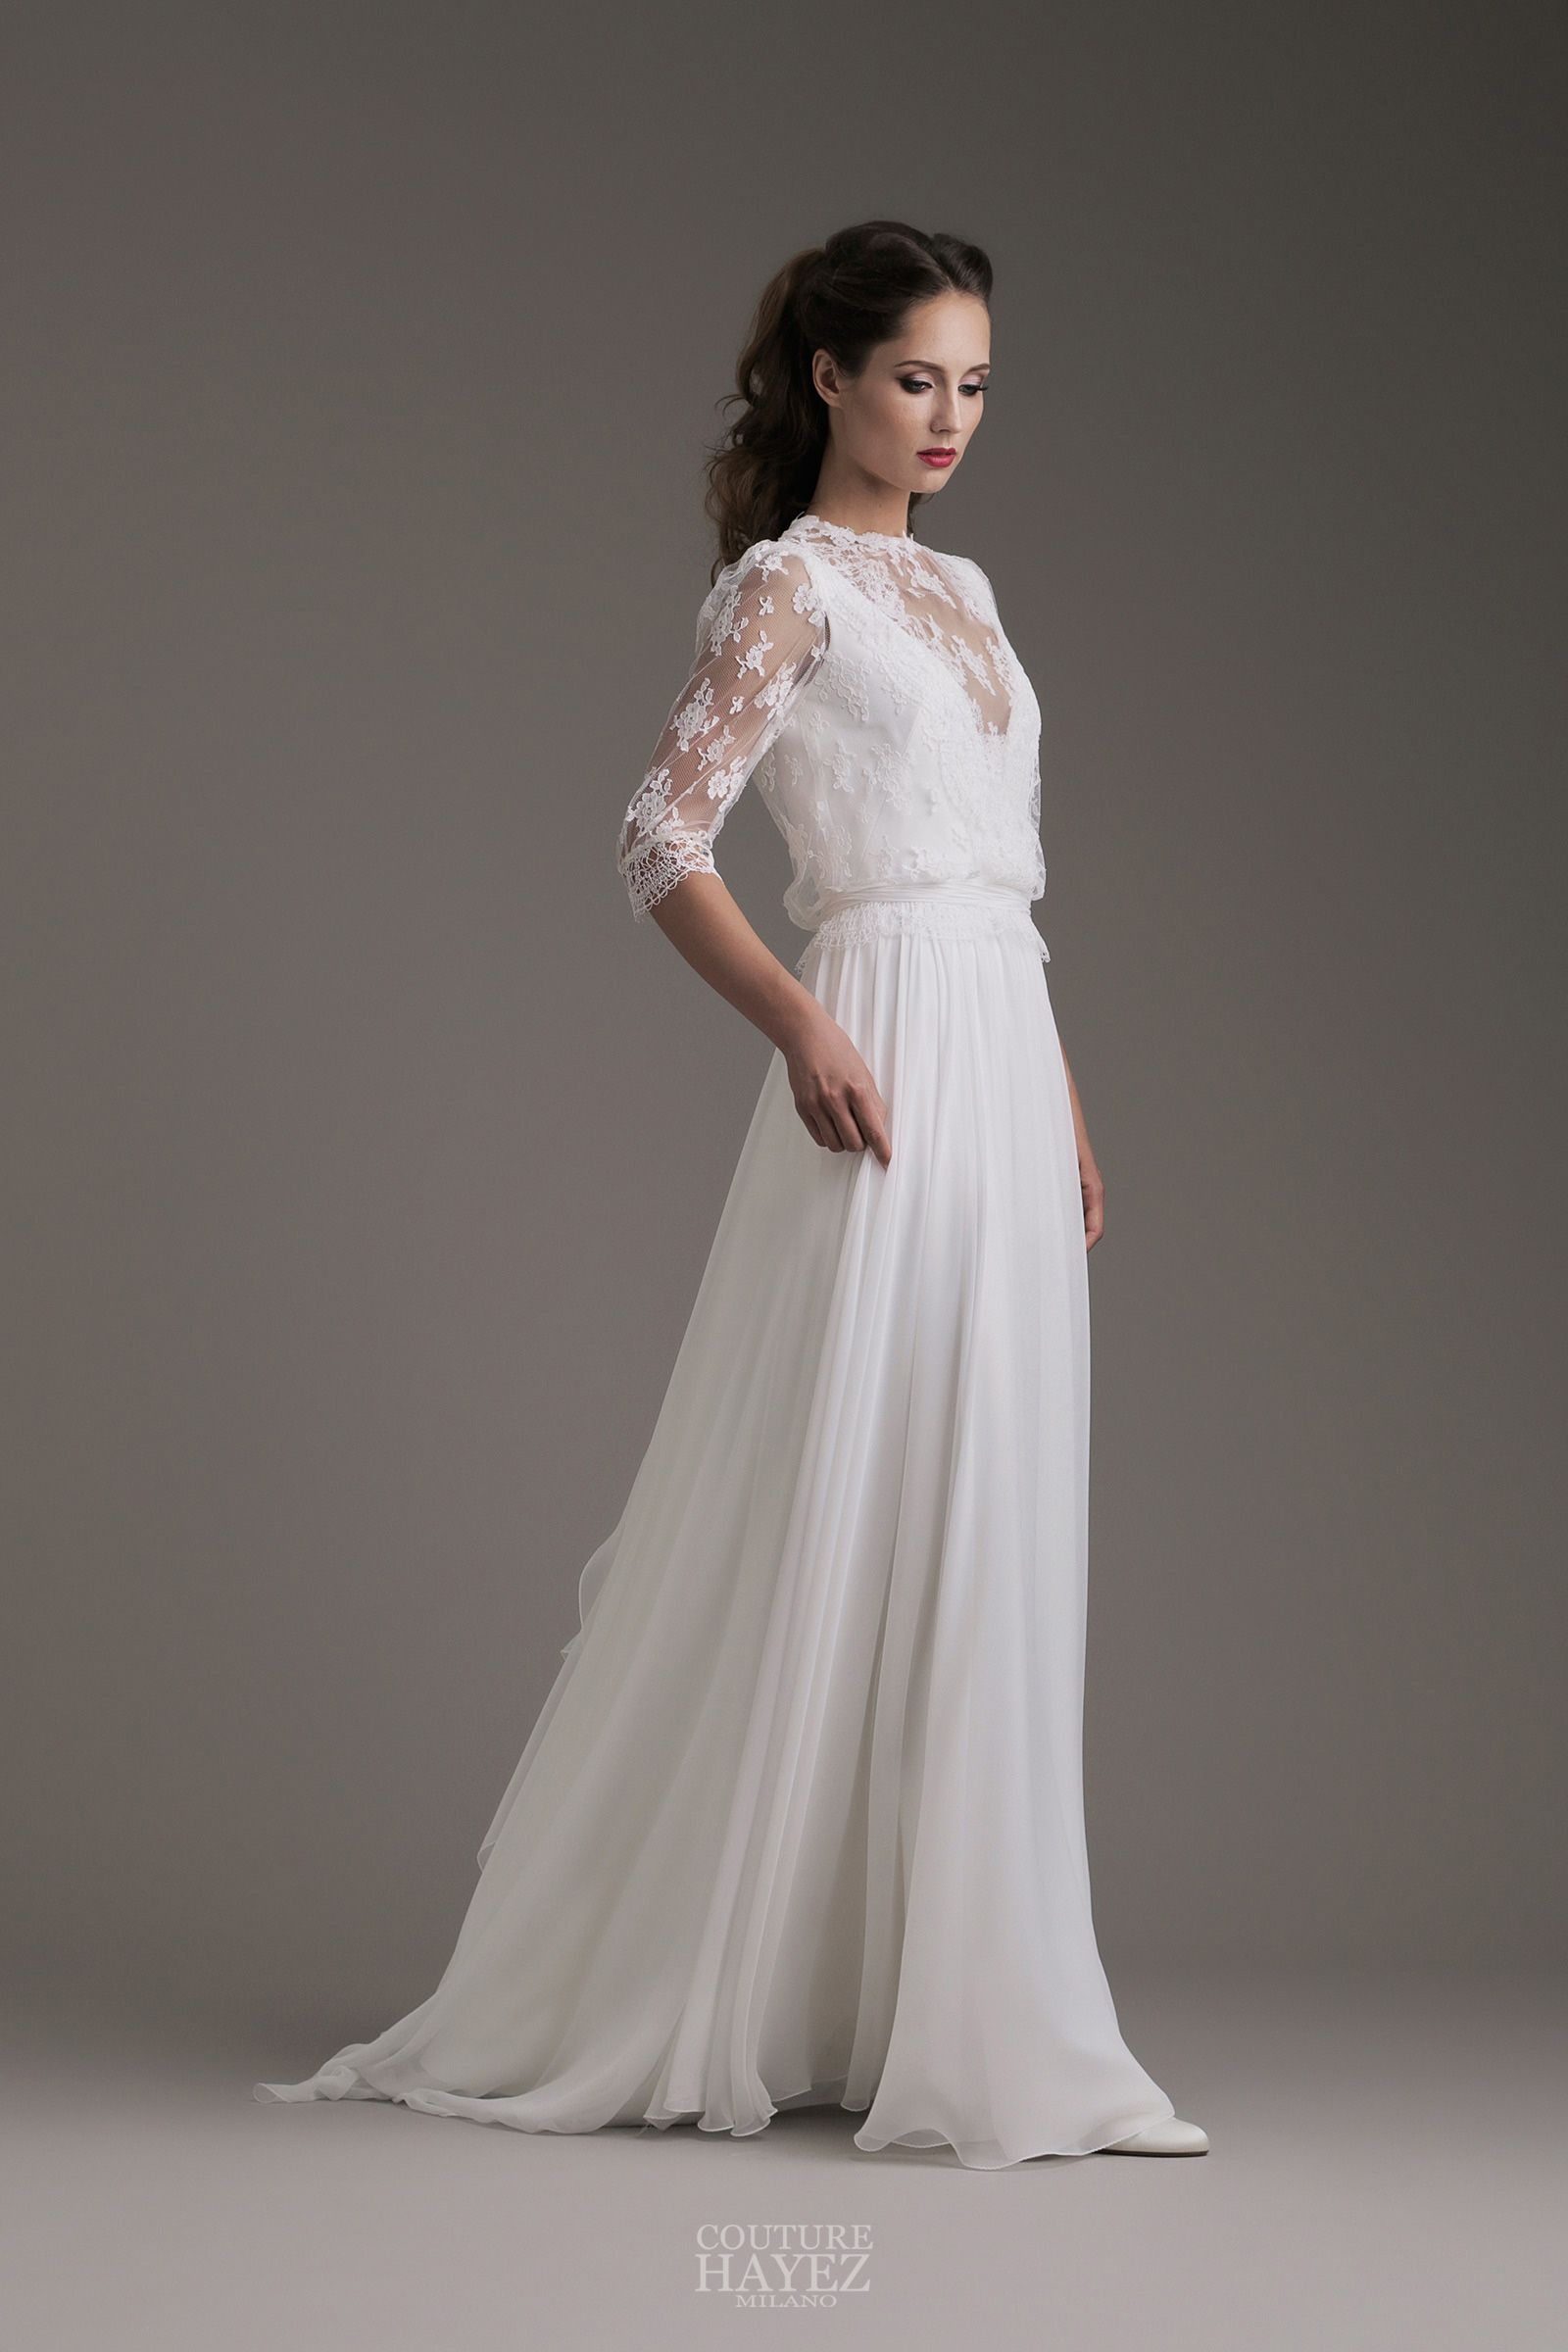 ef63c9f35007 Eleganza e romanticismo contraddistinguono quest abito che nasce dal  connubio di due pizzi pregiati e